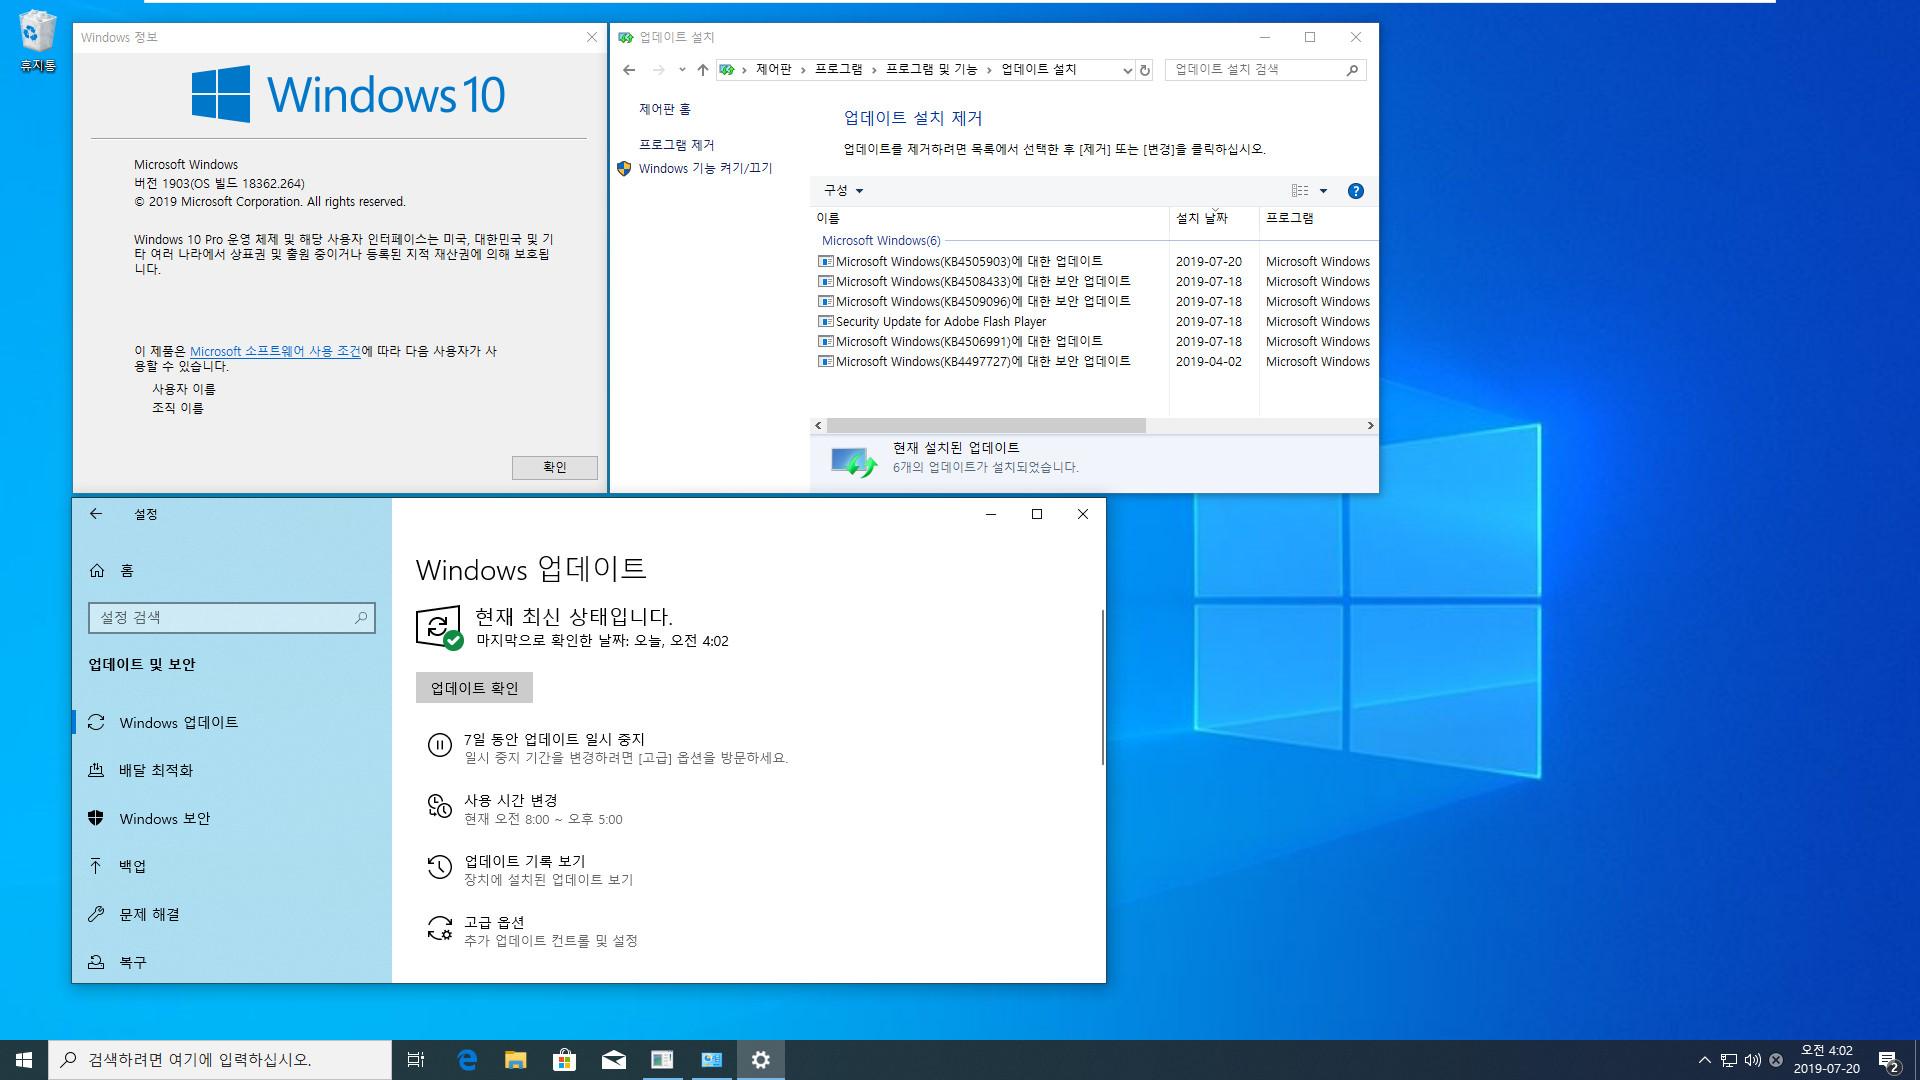 Windows 10 버전 1903 누적 업데이트 KB4505903 (OS 빌드 18362.264) [2019-07-19 일자] - 인사이더 프리뷰용 - 나왔네요. vmware에 설치 테스트 2019-07-20_040232.jpg